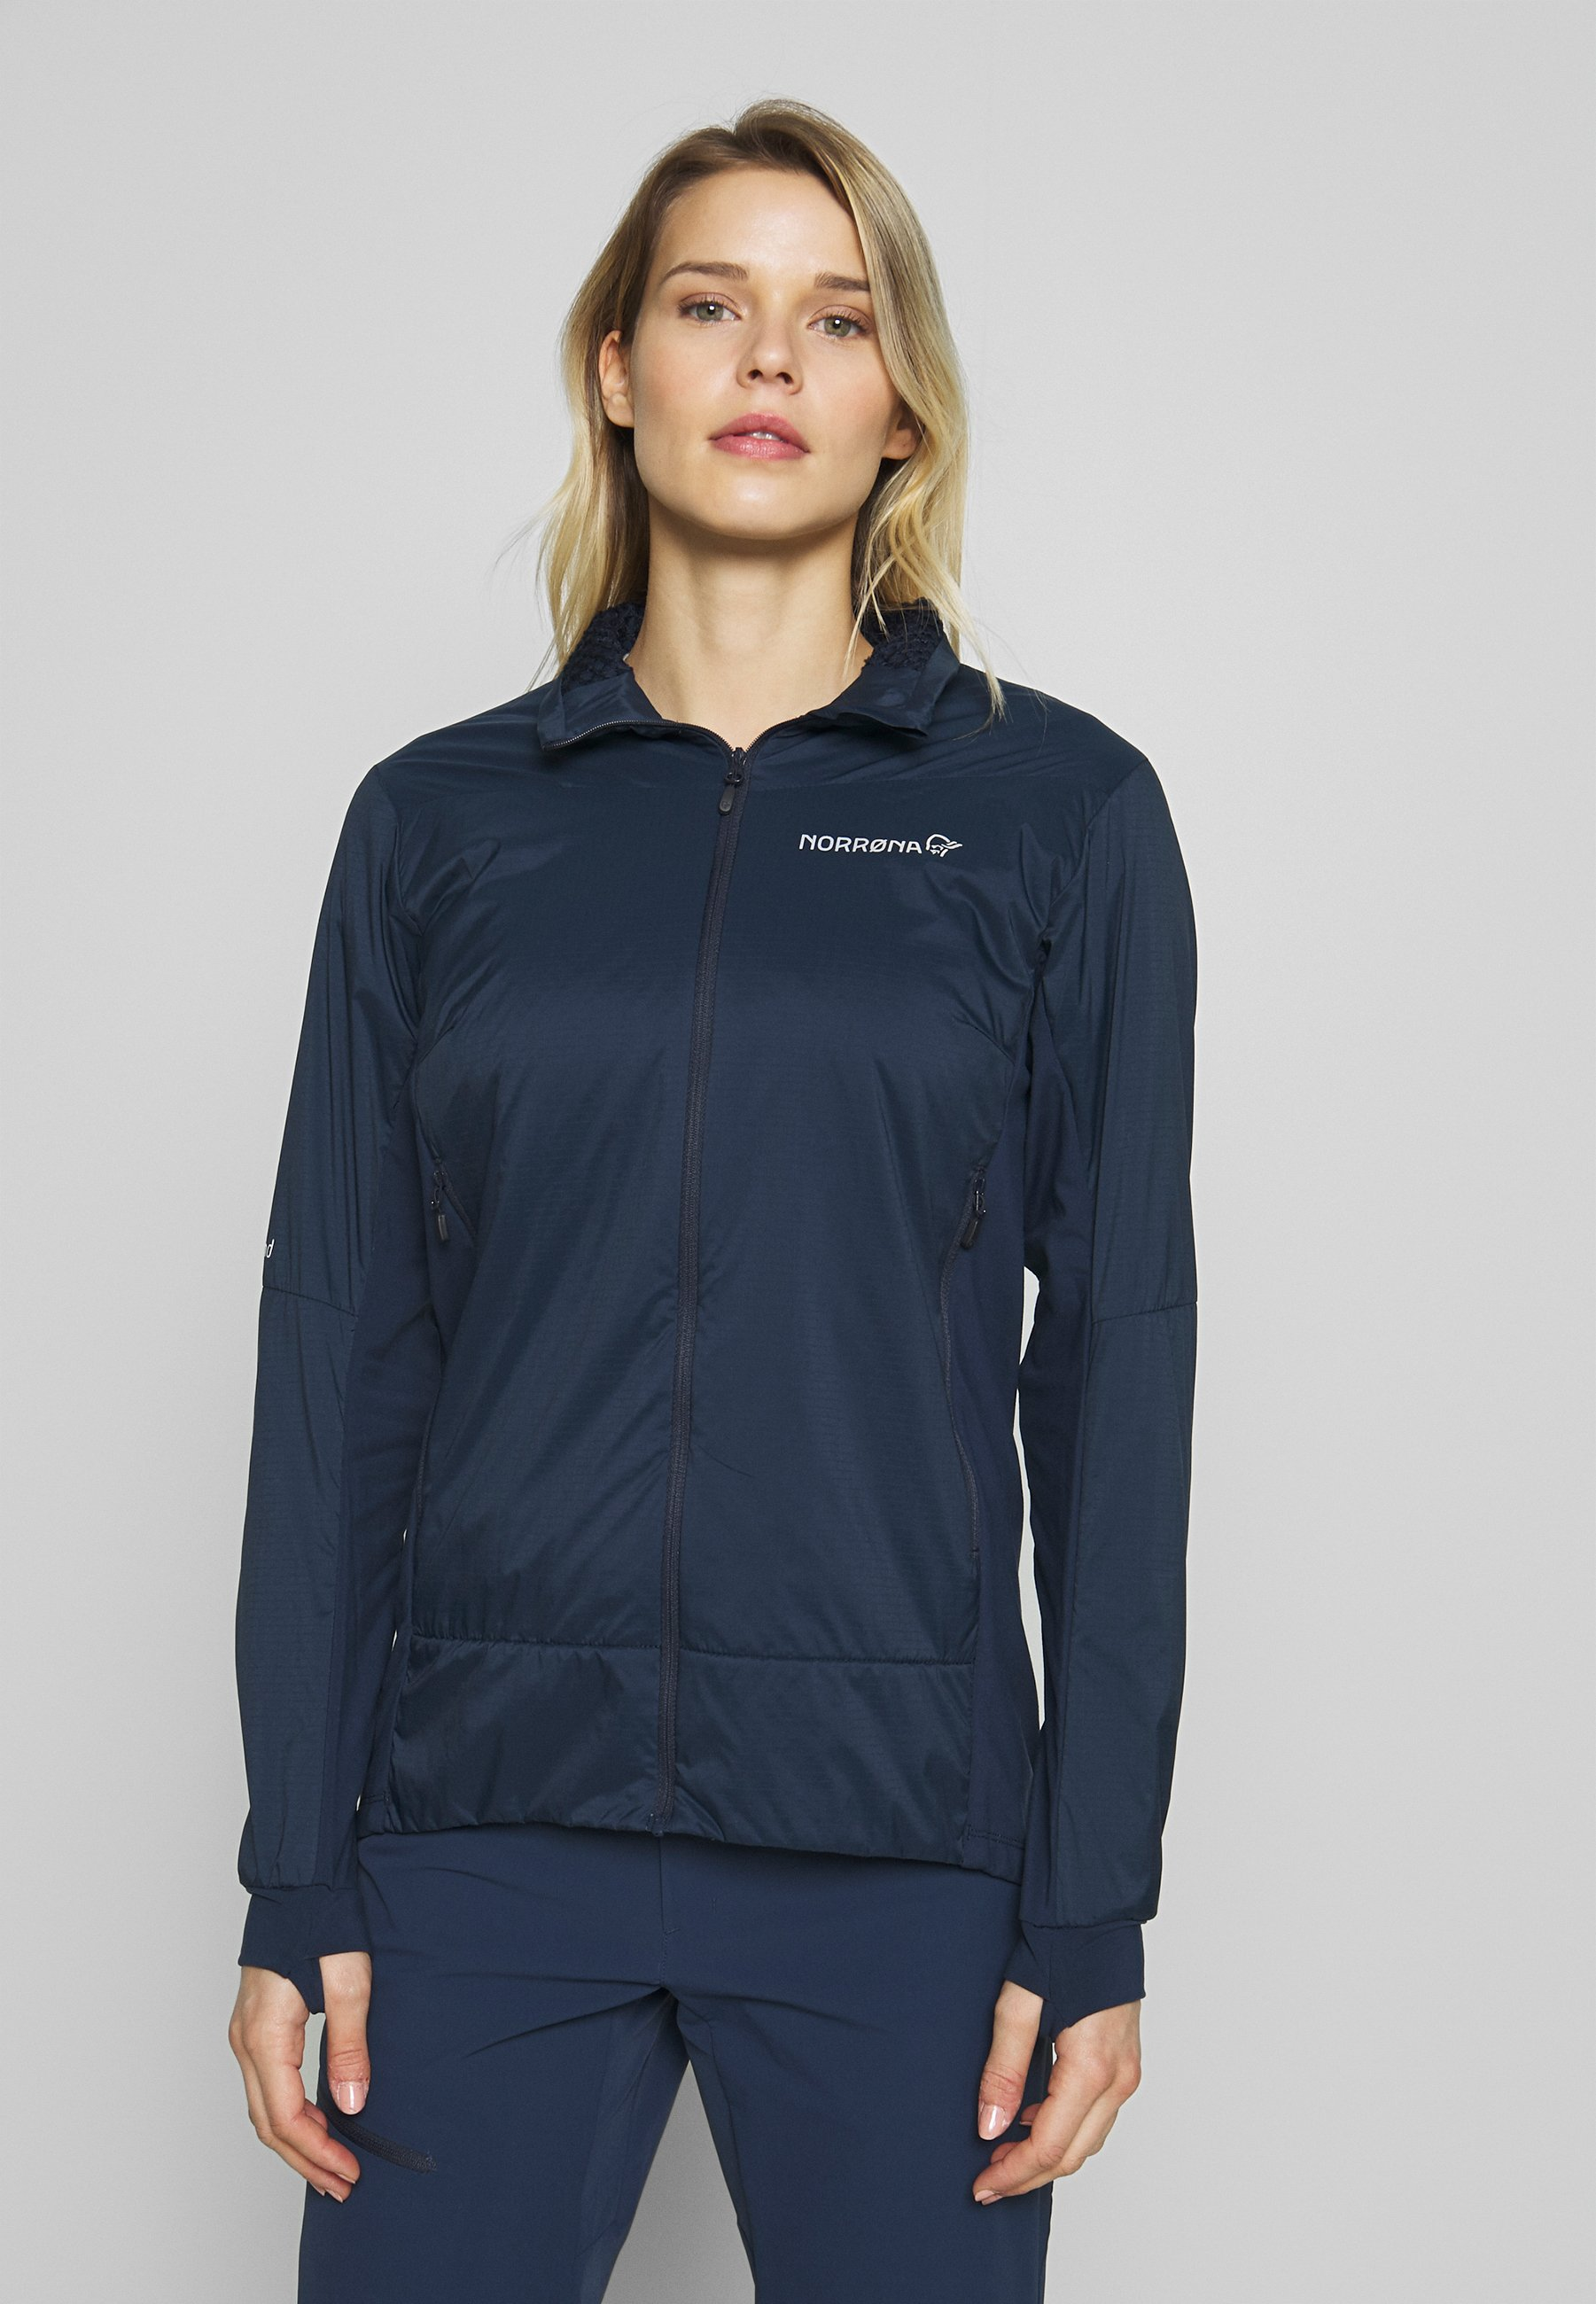 Norrøna Jacken für Damen versandkostenfrei kaufen | ZALANDO